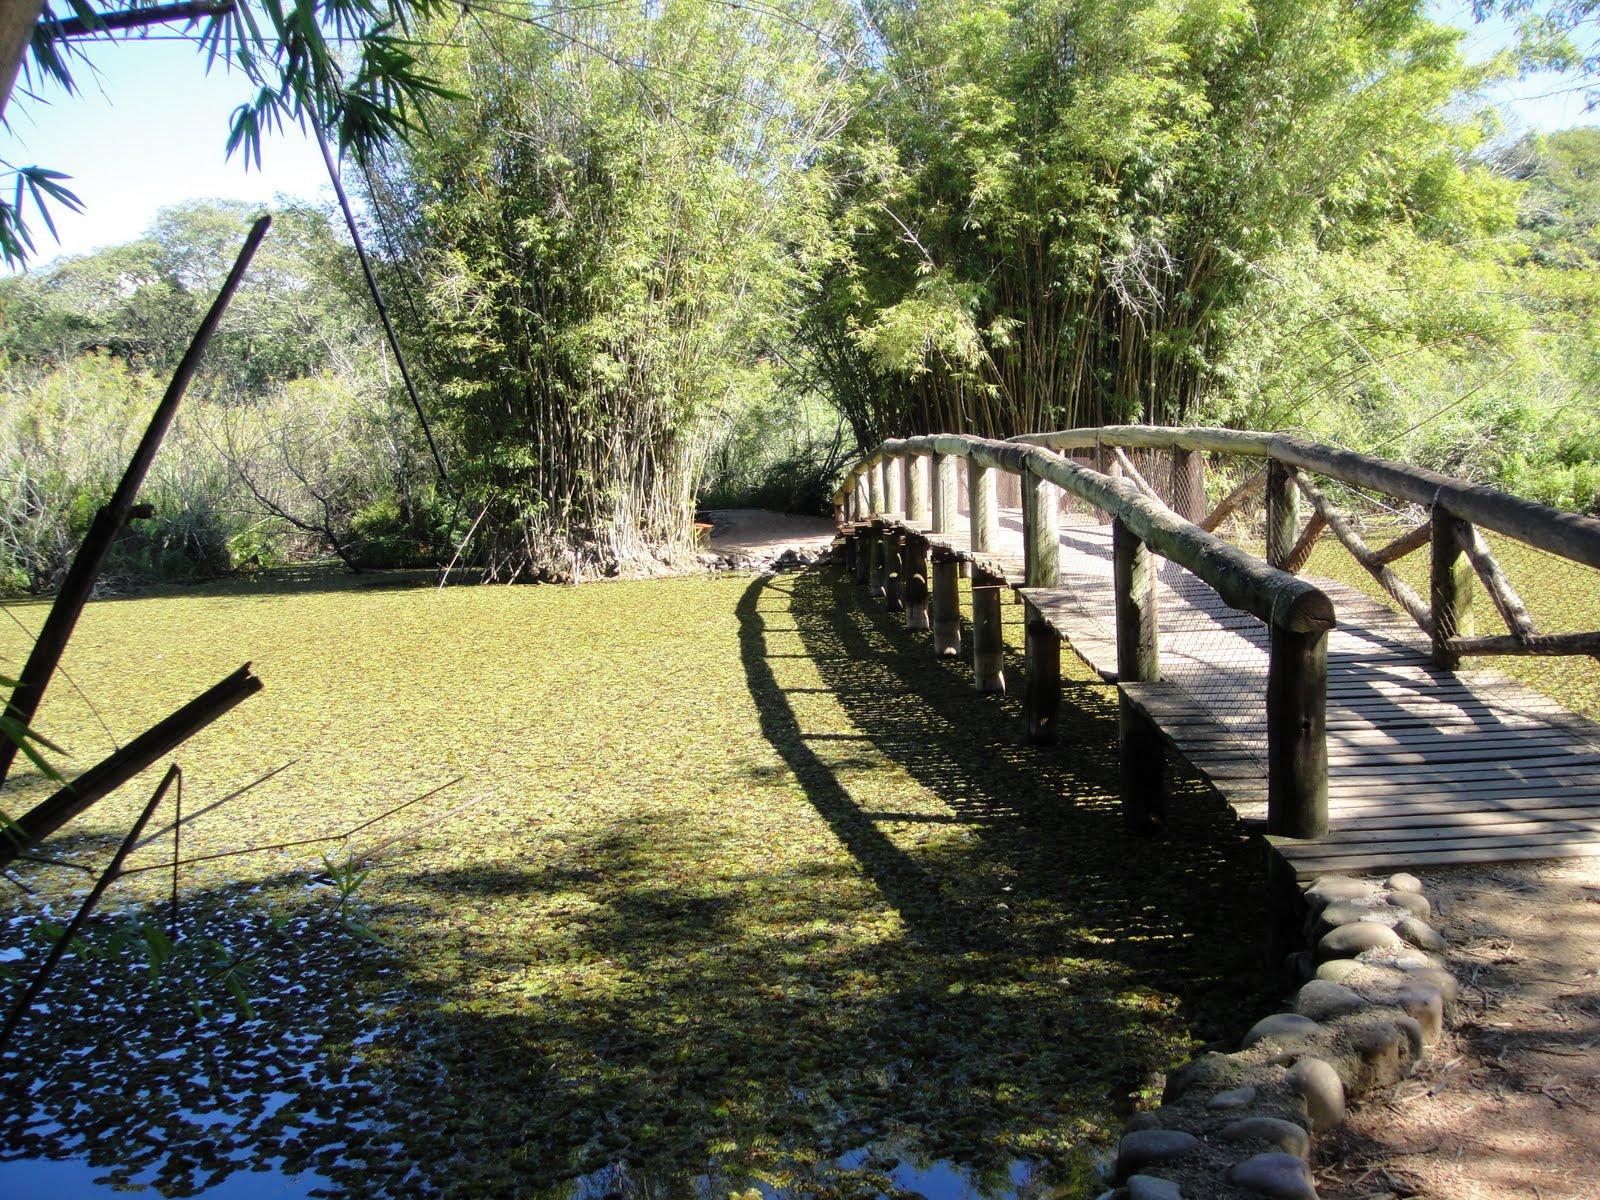 fotos jardim botanico porto alegre : fotos jardim botanico porto alegre:jardim botanico